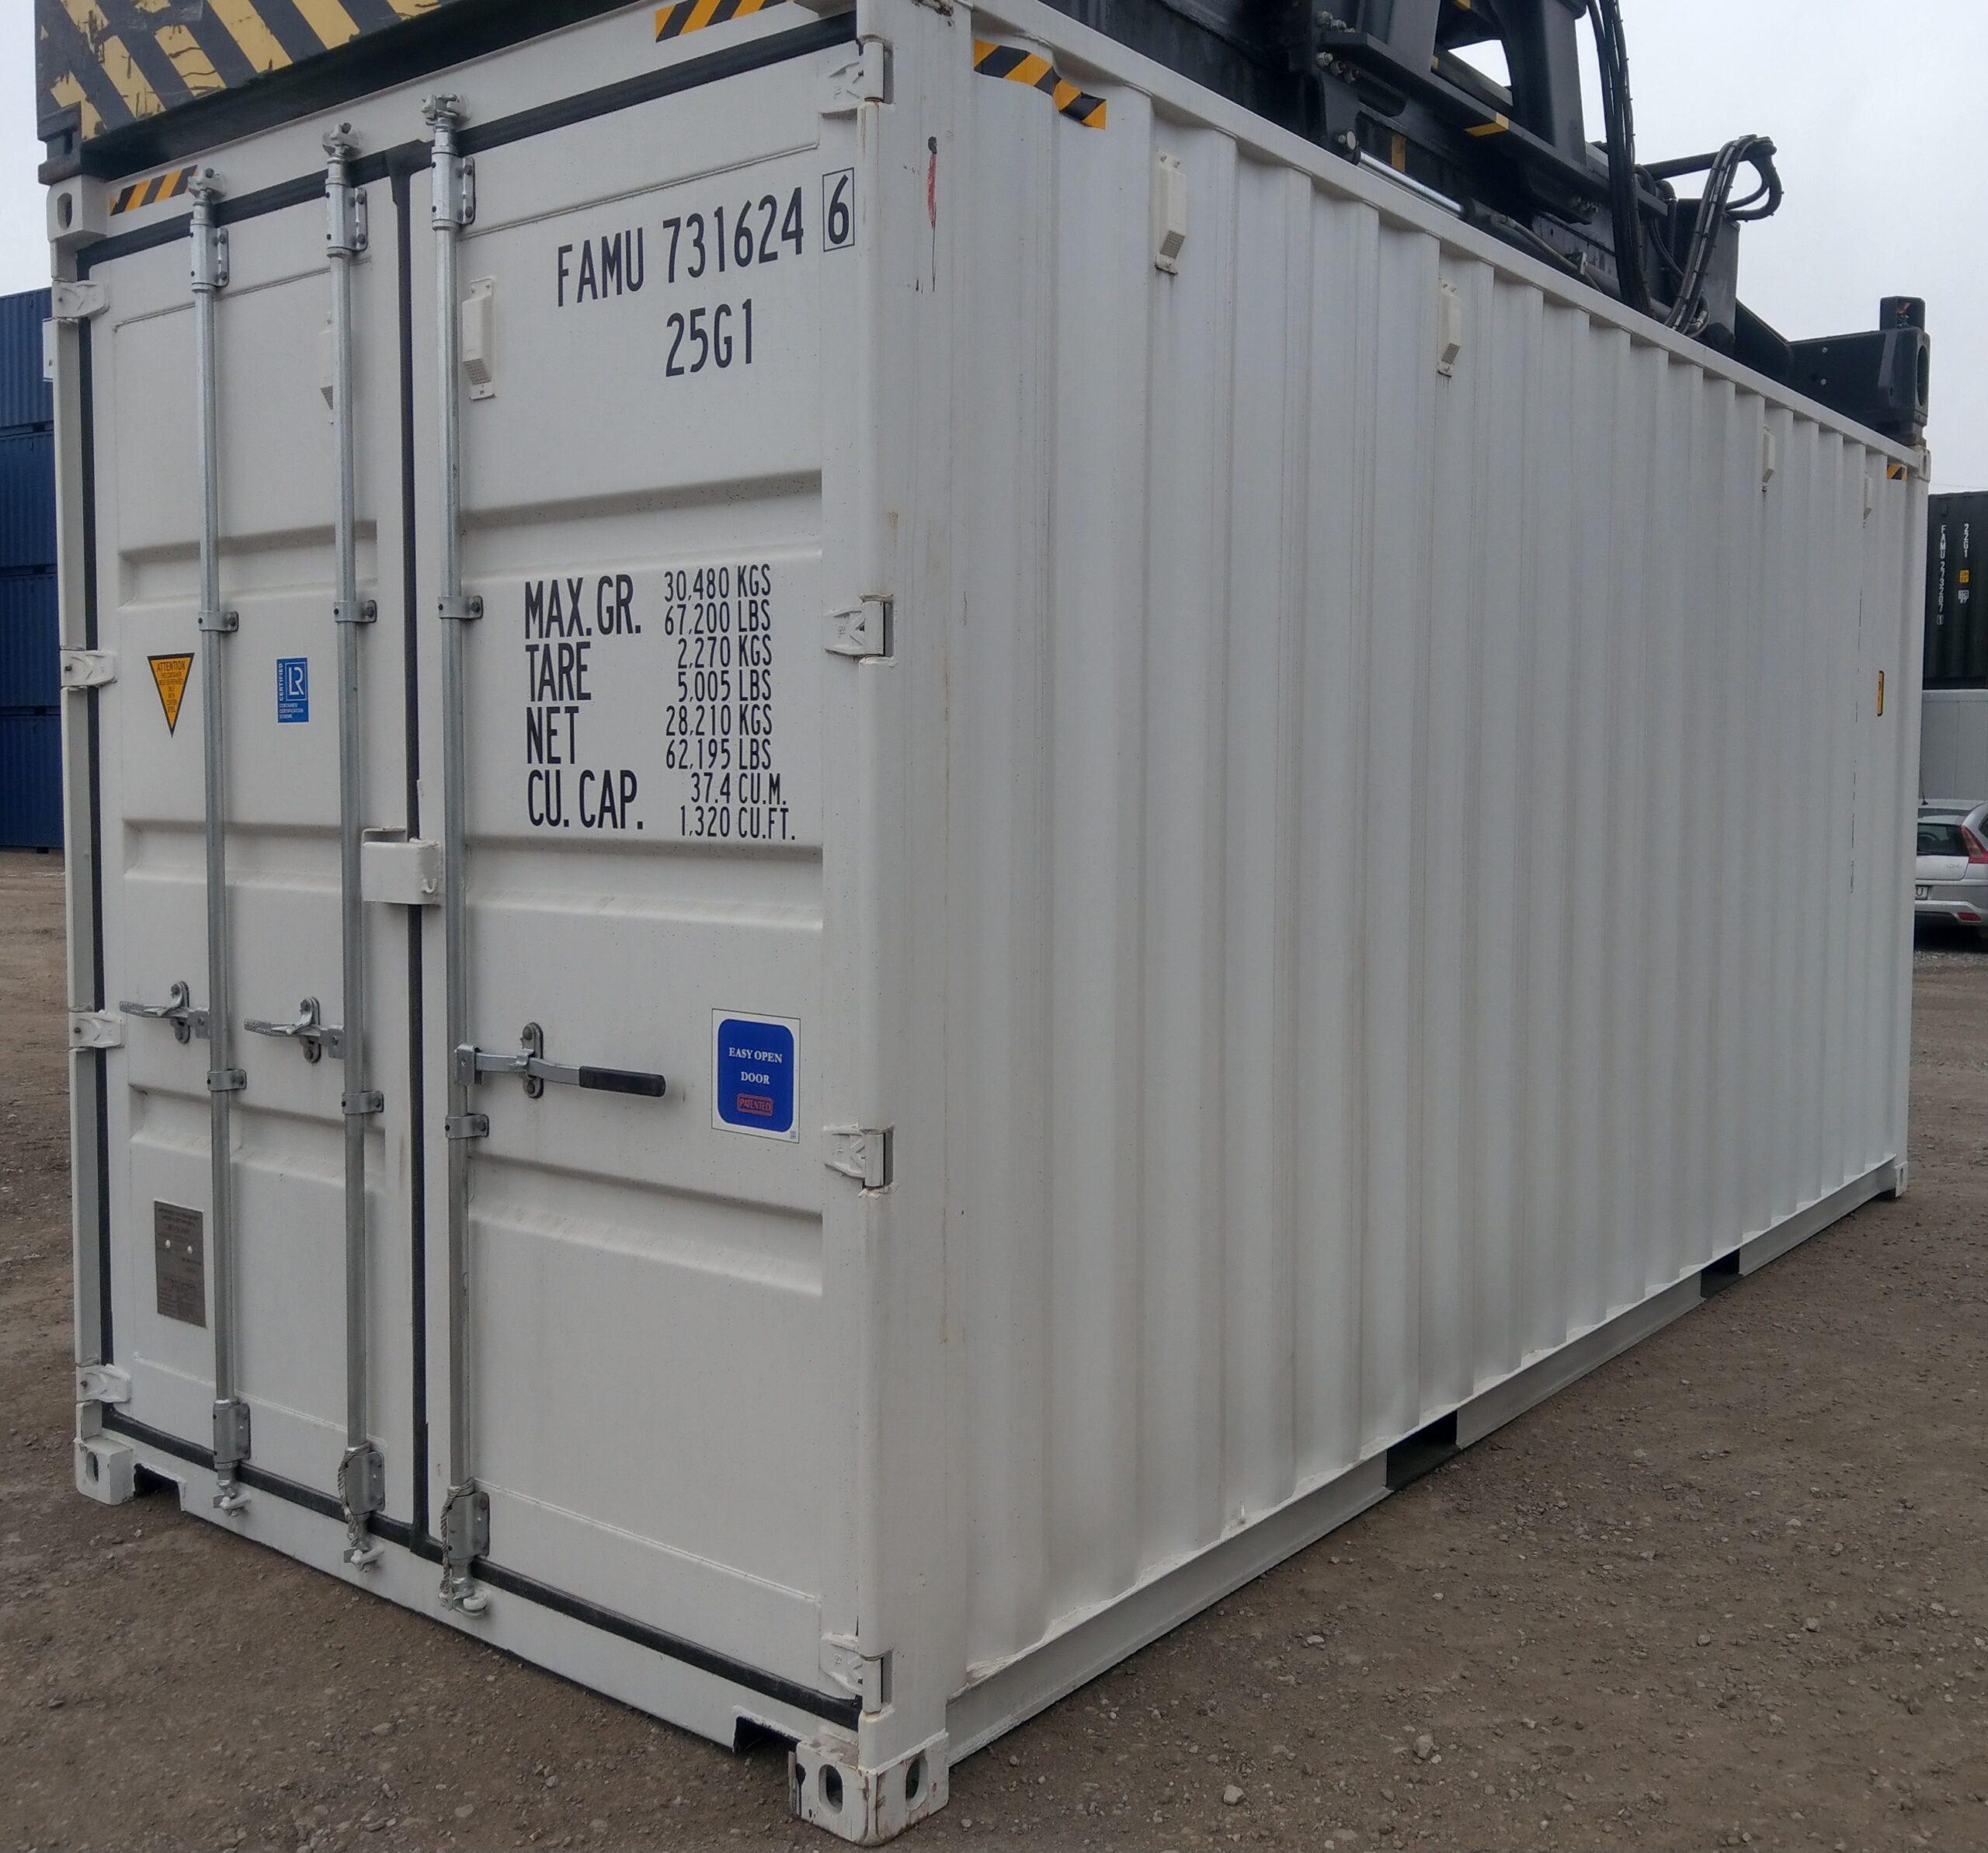 Uus 6m / 20HC konteiner valge